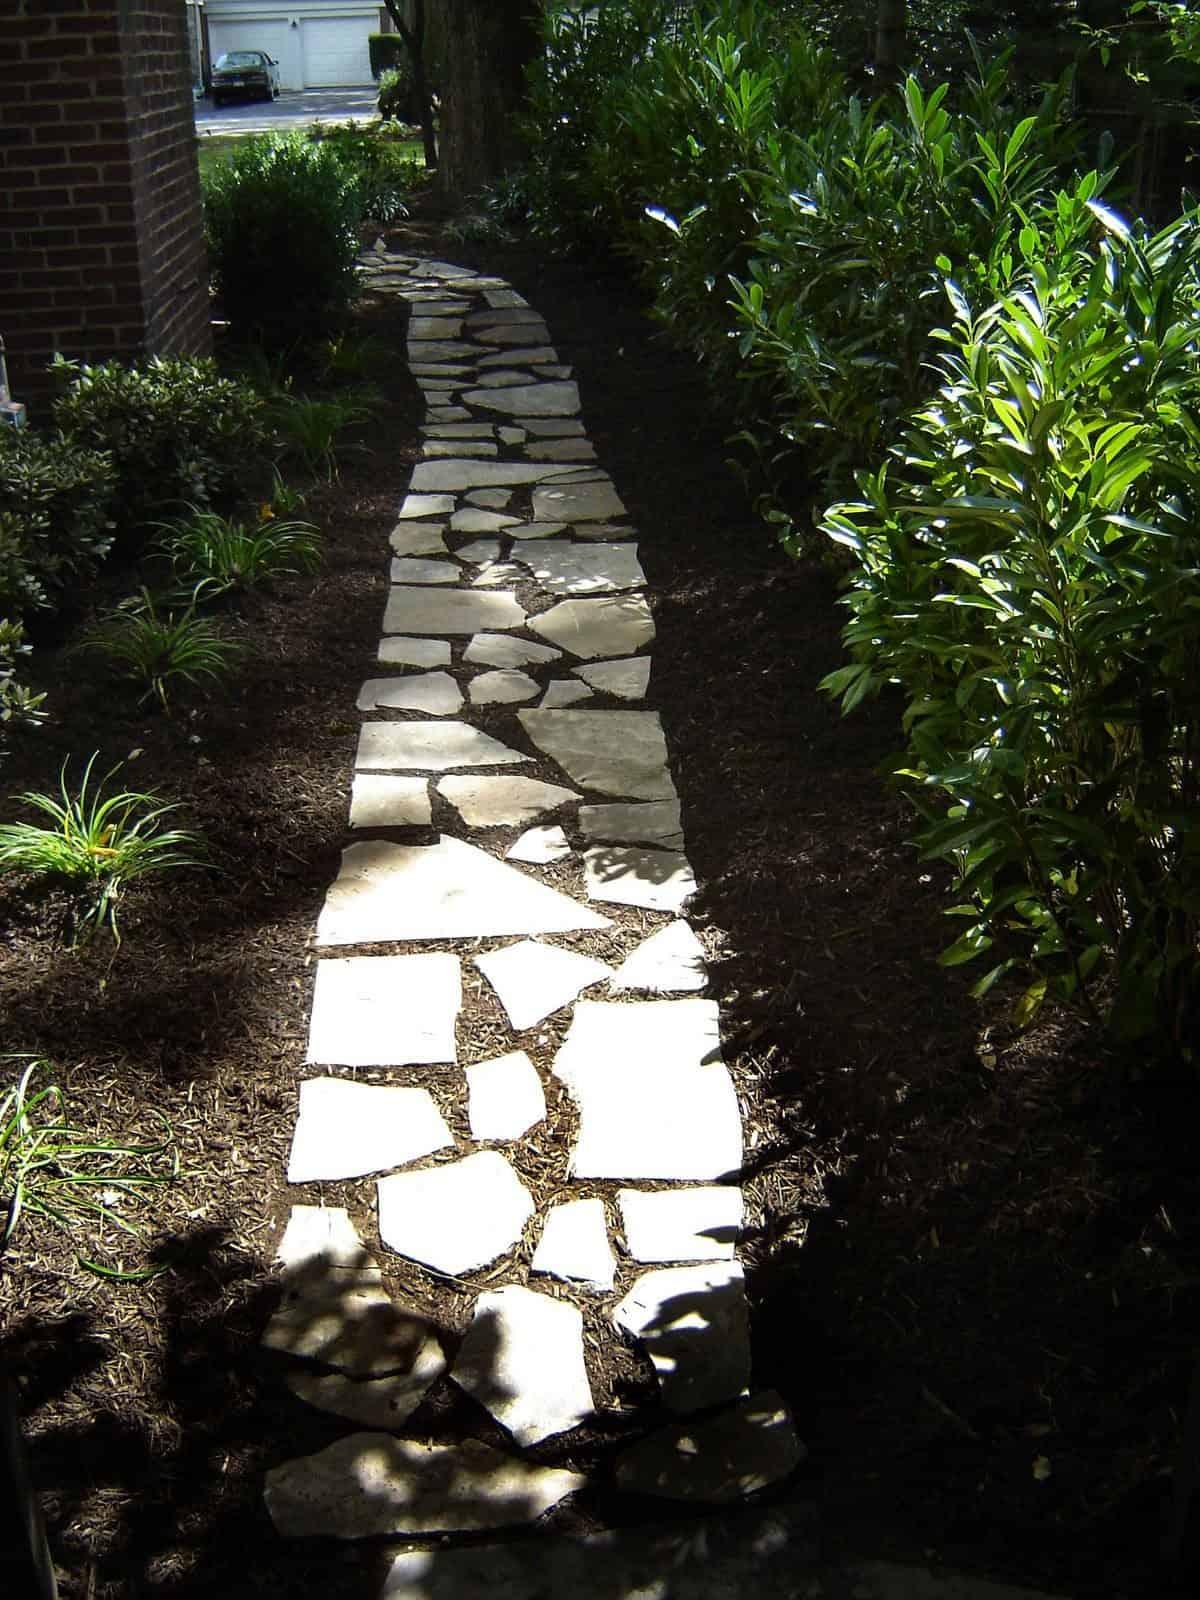 Natural Walkway - Irregular Bluestone Stepping Stone Path - Syosset, Long Island NY